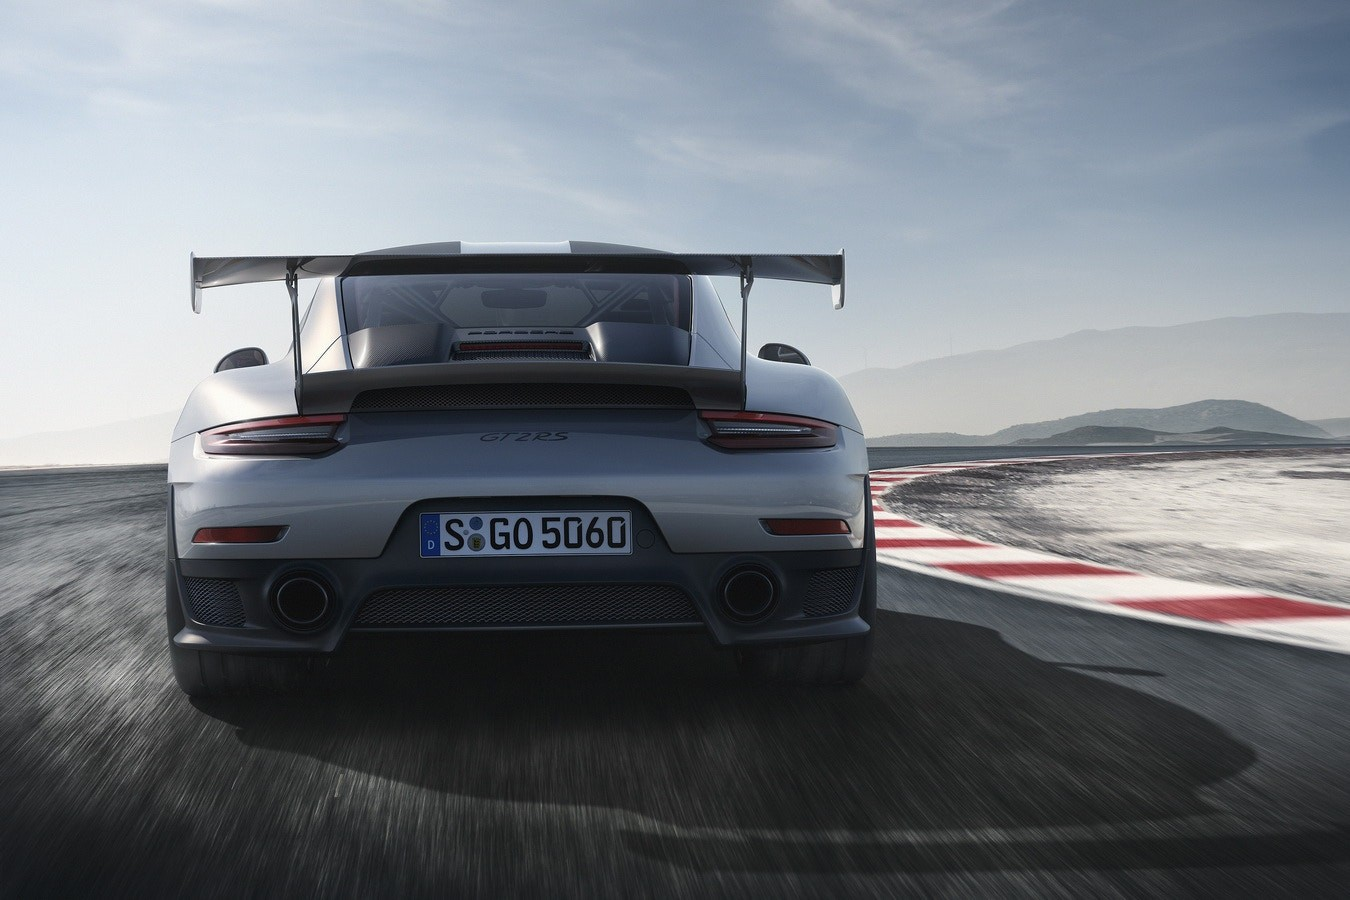 半世紀經典 – 細數 Porsche 最具魅力之 911 車系過往發展